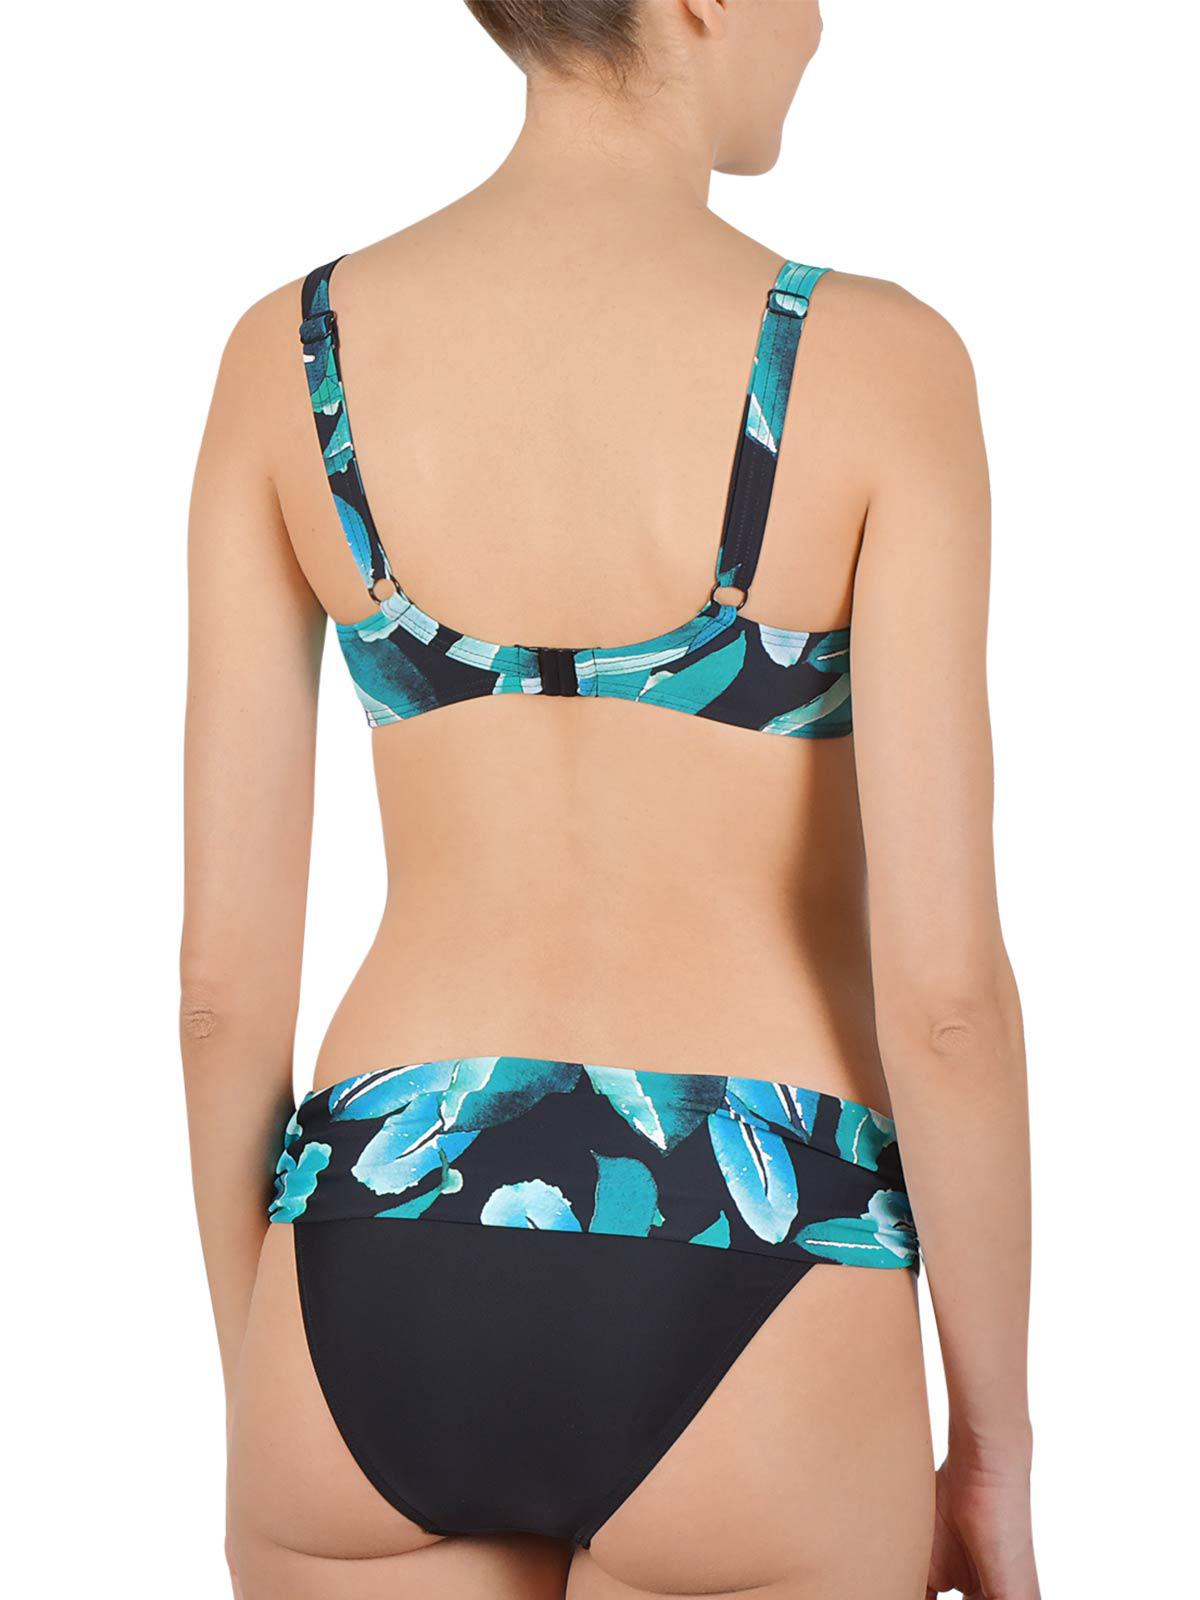 NATURANA Bügel-Bikini 72502 Gr. 38-46 B-E